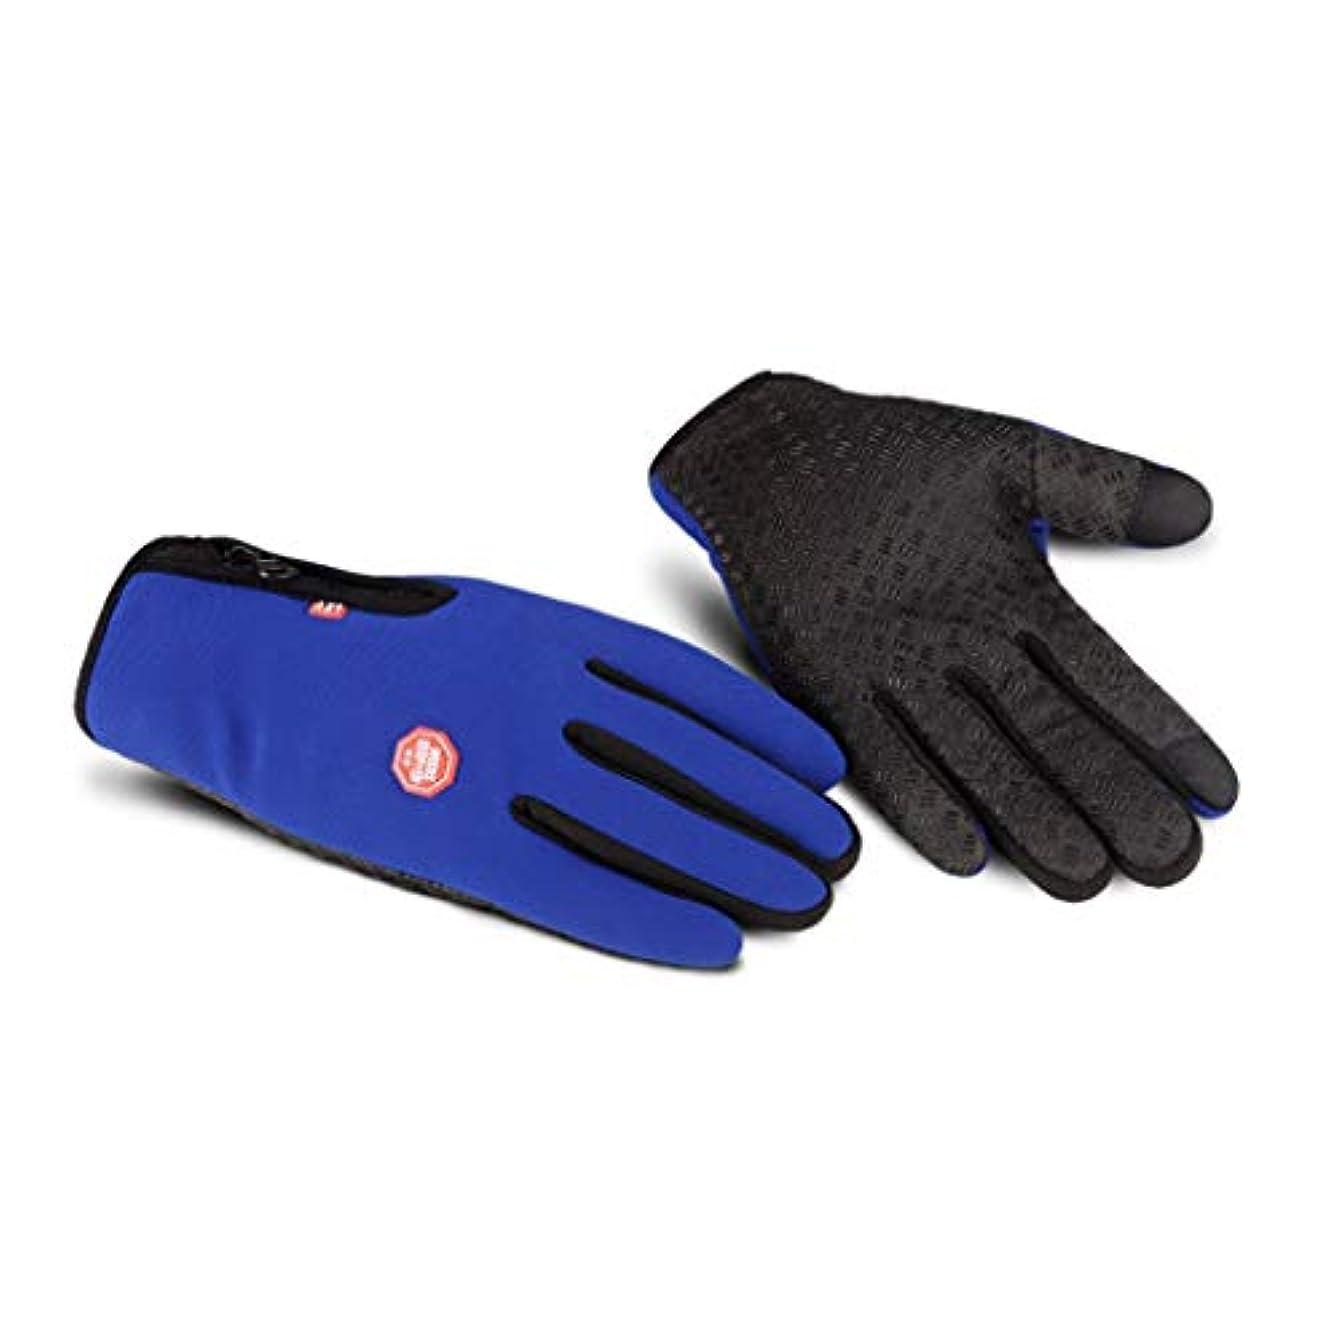 塩辛いミュージカル強大な手袋の男性の秋と冬の自転車電動バイクの女性のタッチスクリーンはすべて防風ノンスリップ暖かいコールドプラスベルベット弾性手袋ワンサイズ青